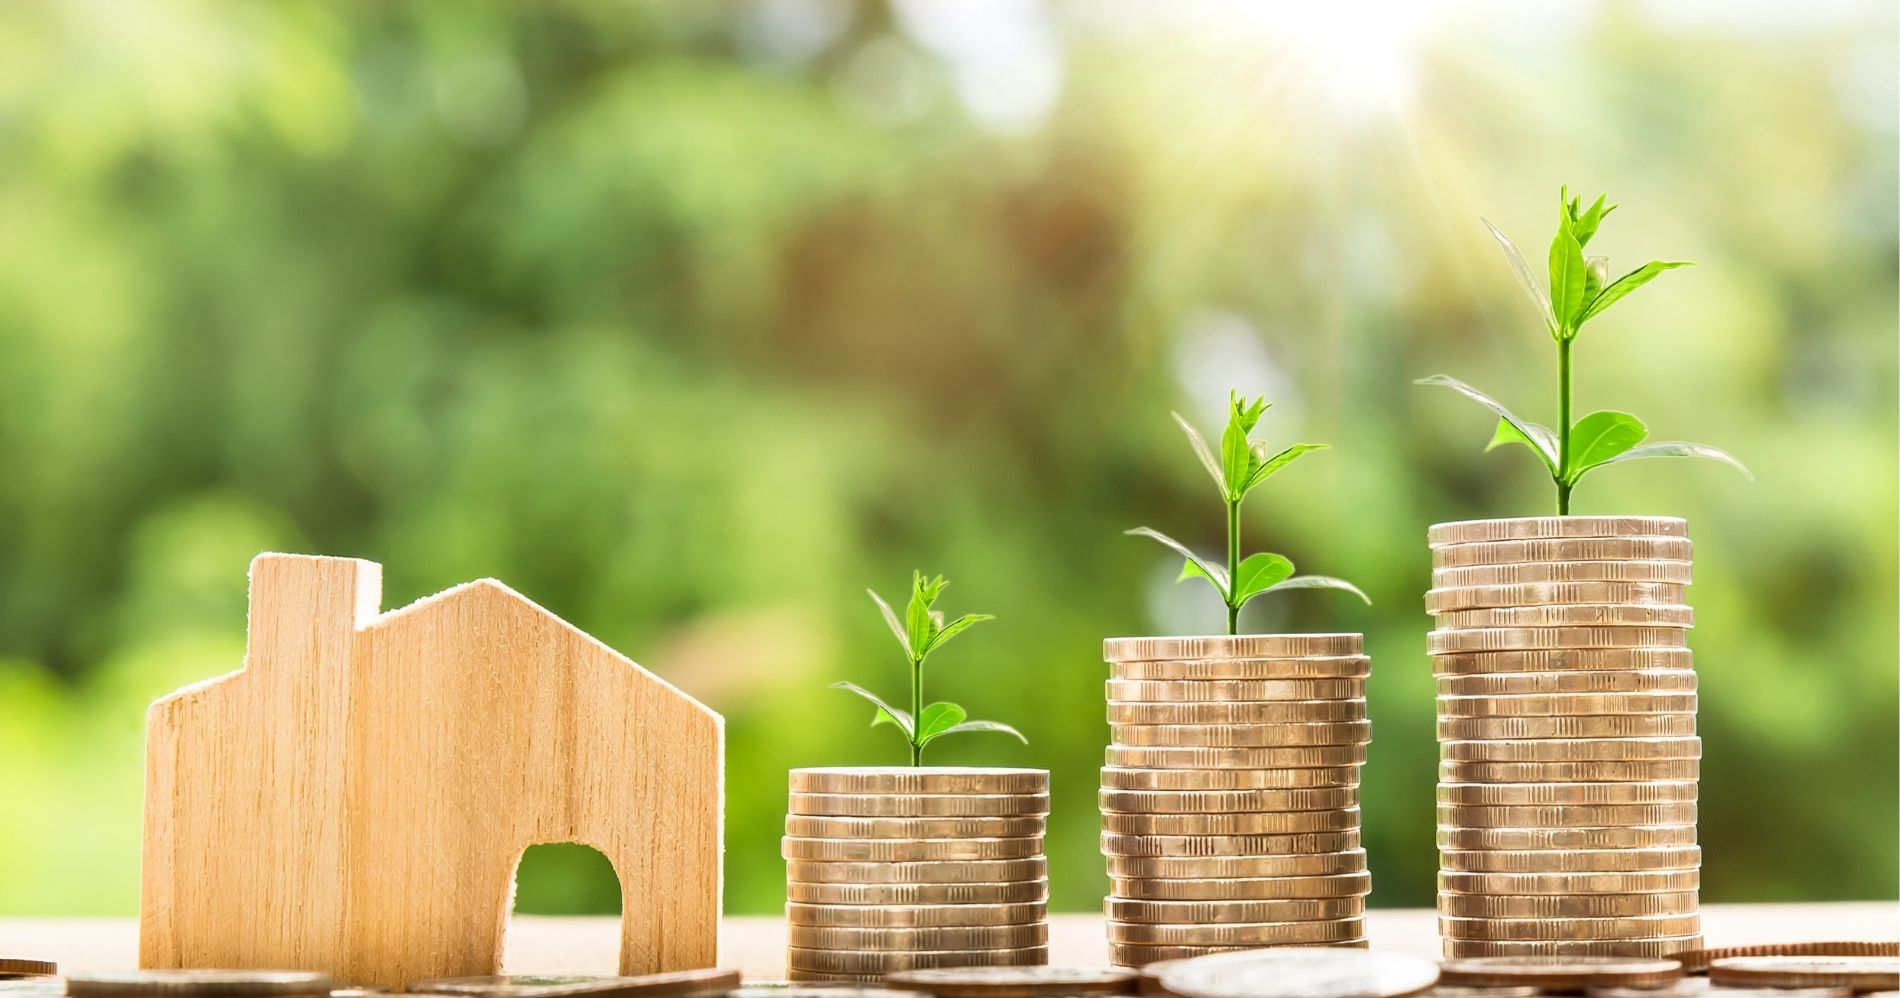 Ilustrasi Gambar Investasi Yang mudah untuk pemula - Bisnis Muda - Canva.com